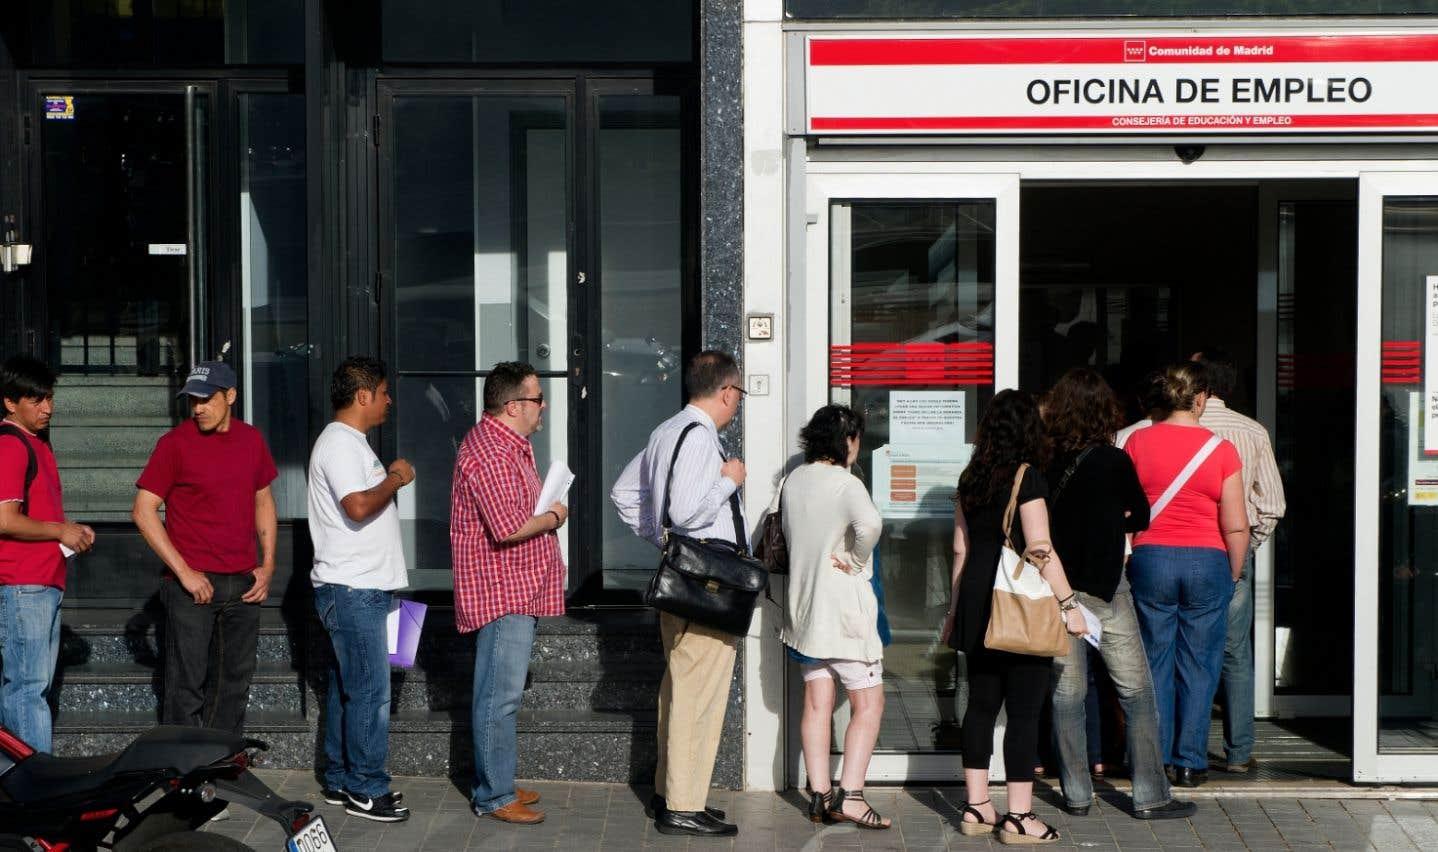 L'Espagne est rongée par un taux de chômage touchant le quart de sa population active, mais les coopératives espagnoles créent des emplois par milliers.